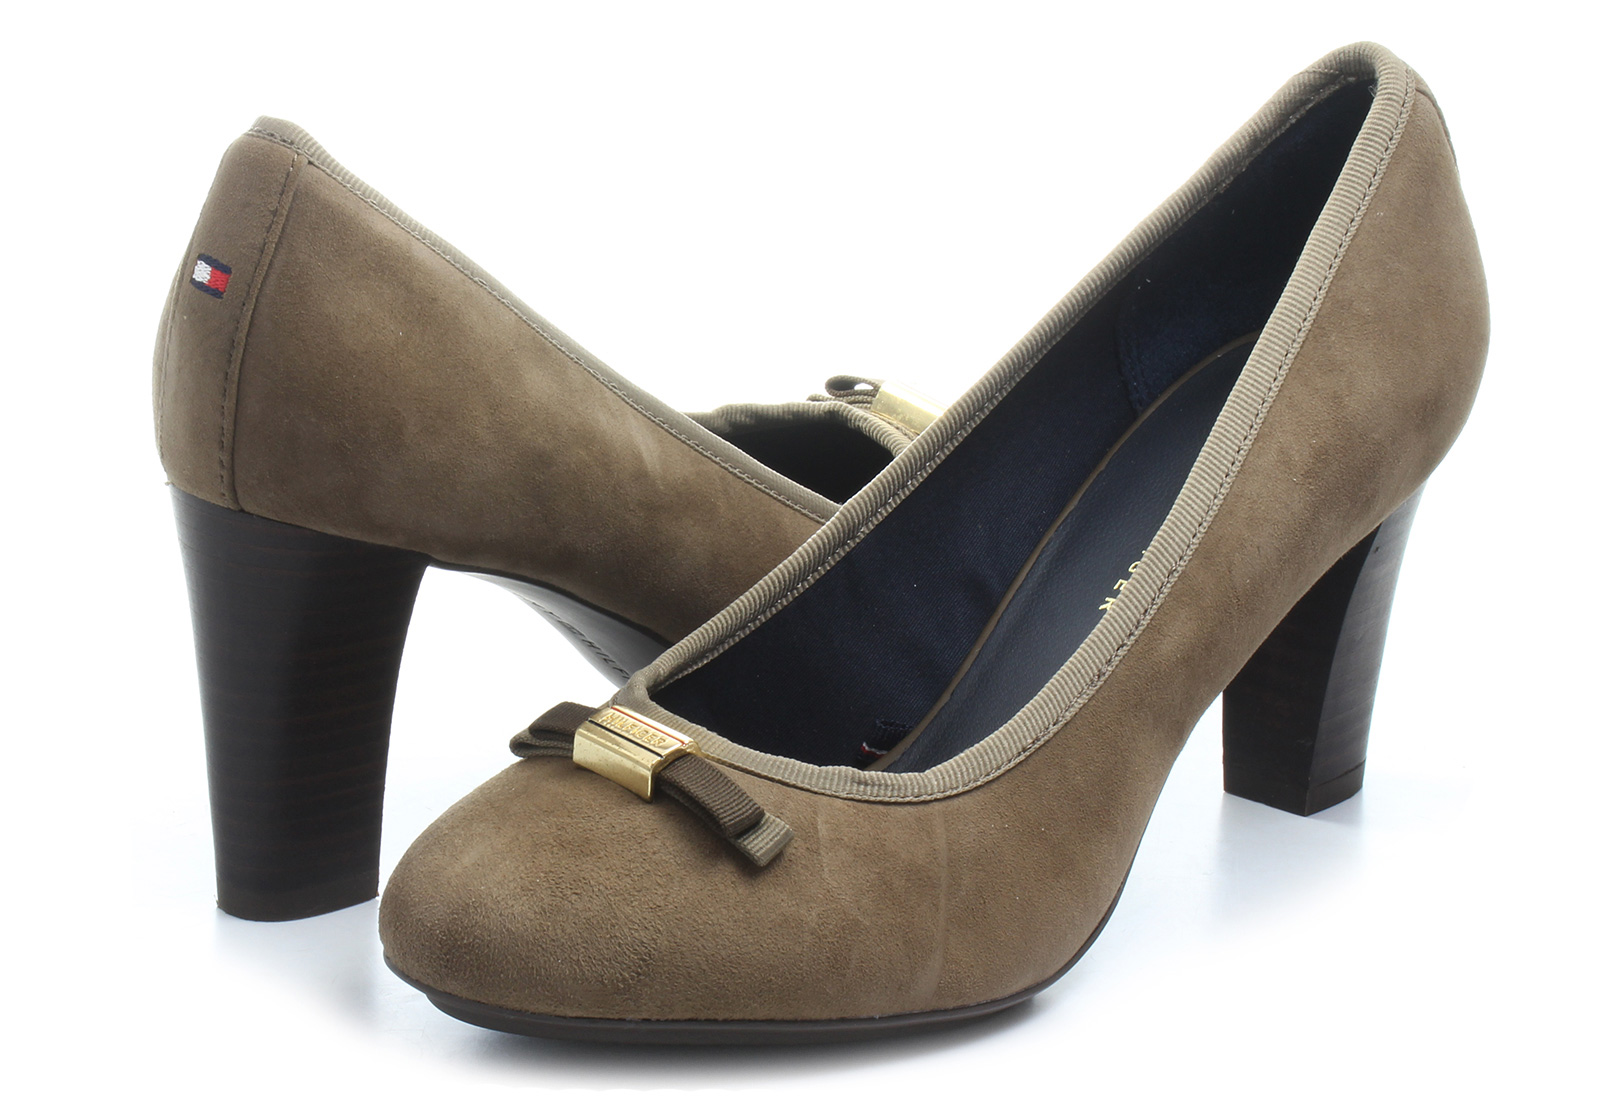 tommy hilfiger high heels cindy 18b 15f 9641 906. Black Bedroom Furniture Sets. Home Design Ideas